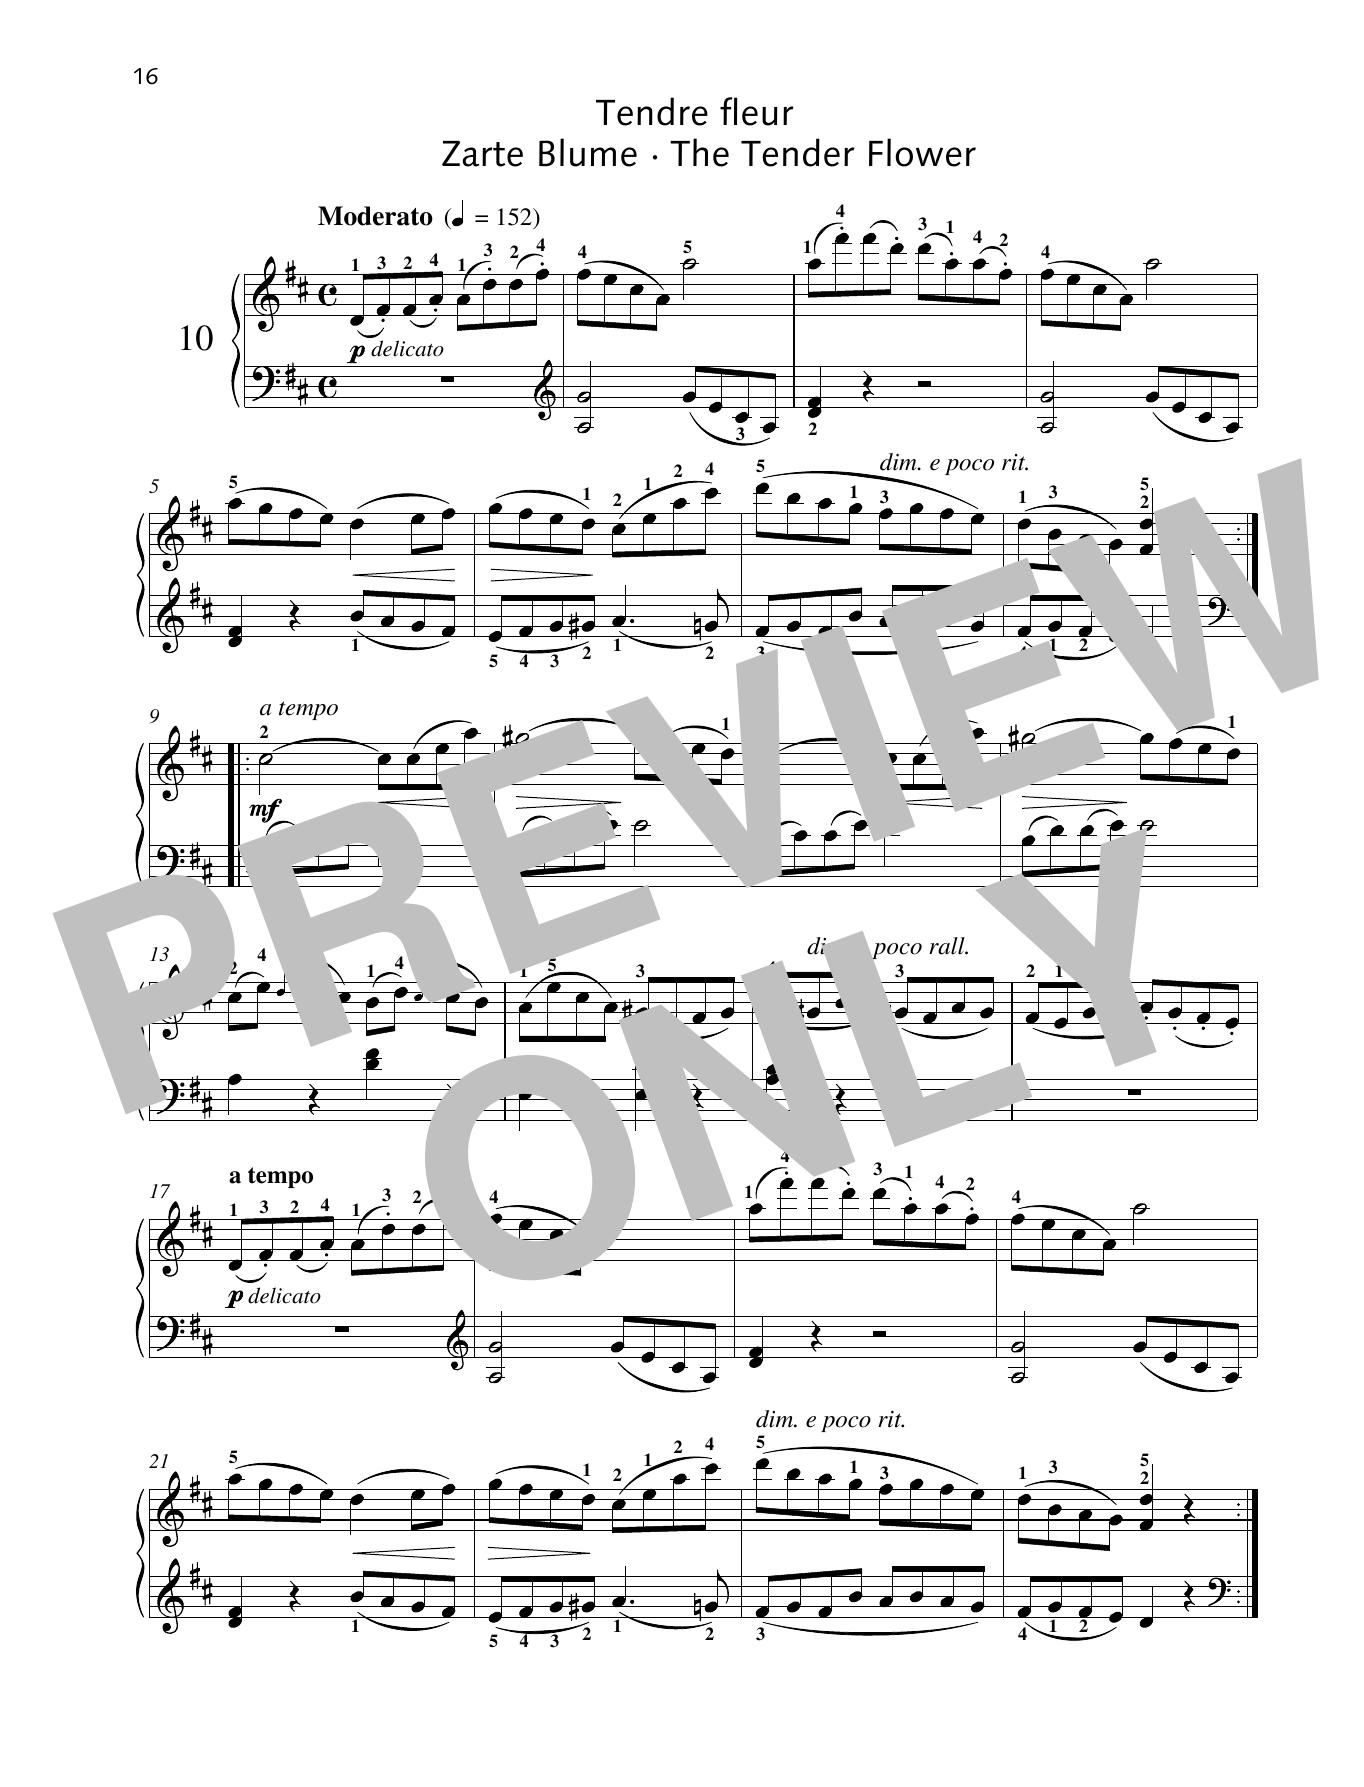 The Tender Flower Sheet Music